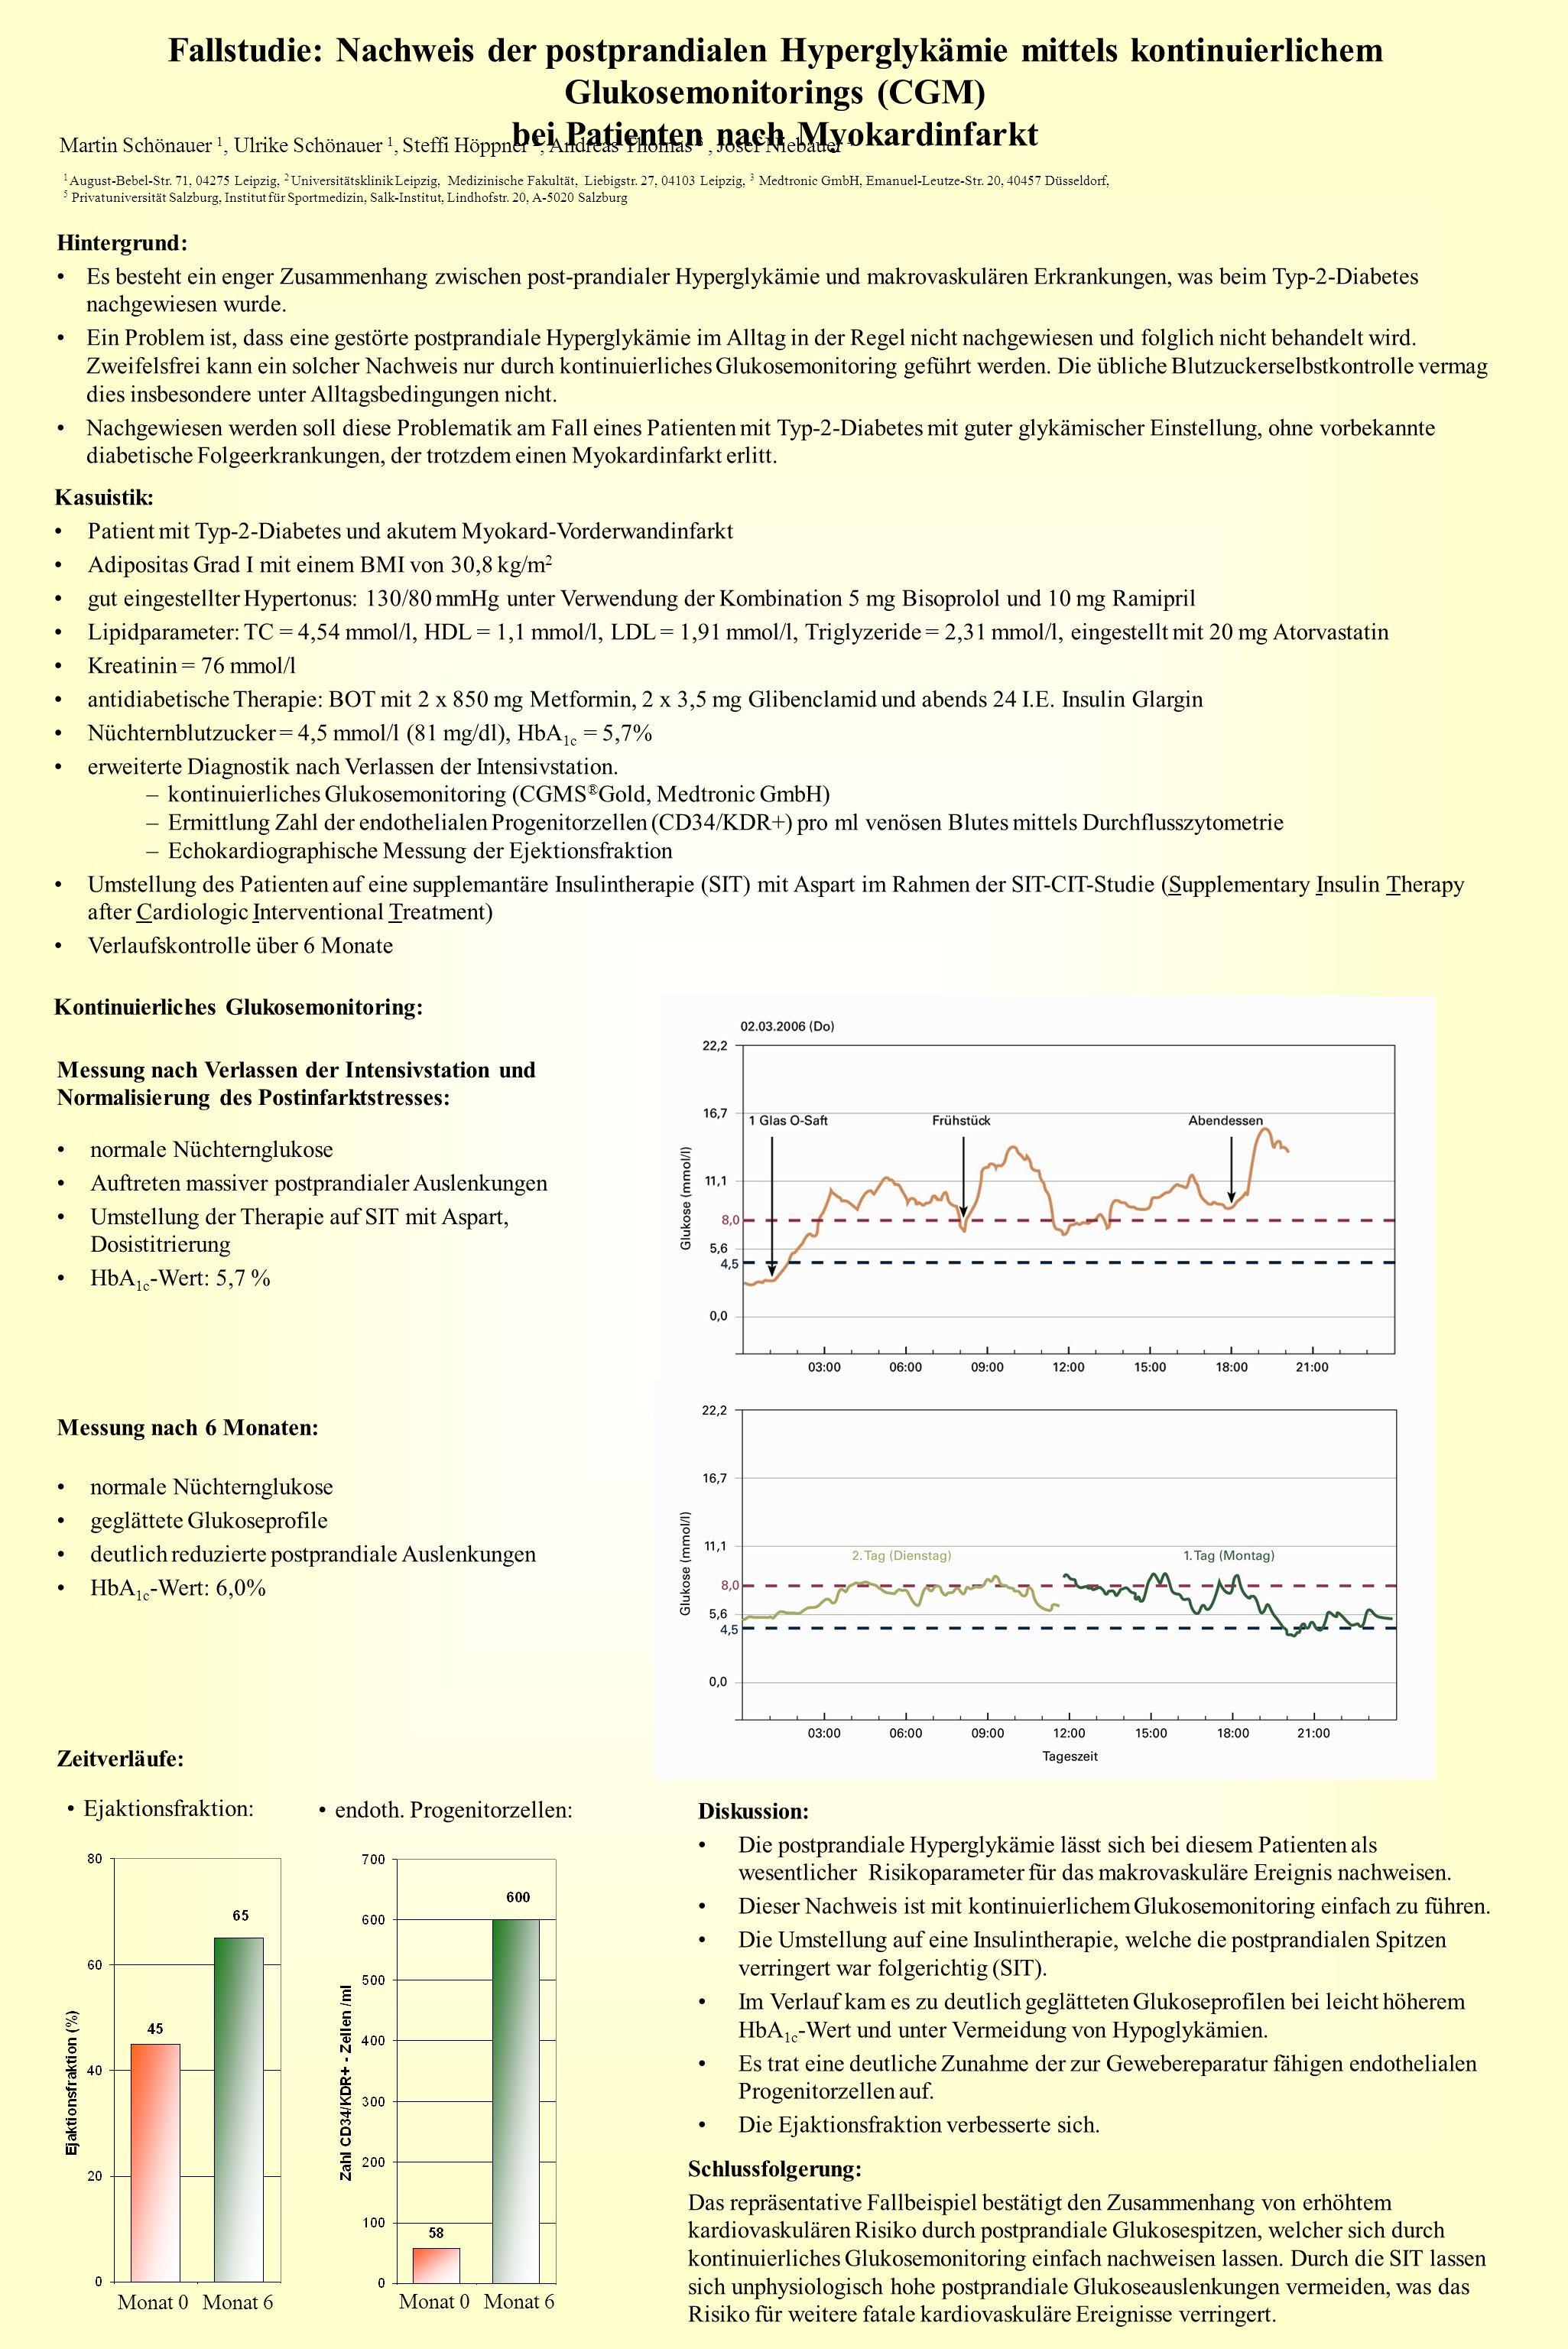 Fallstudie: Nachweis der postprandialen Hyperglykämie mittels kontinuierlichem Glukosemonitorings (CGM) bei Patienten nach Myokardinfarkt Martin Schön